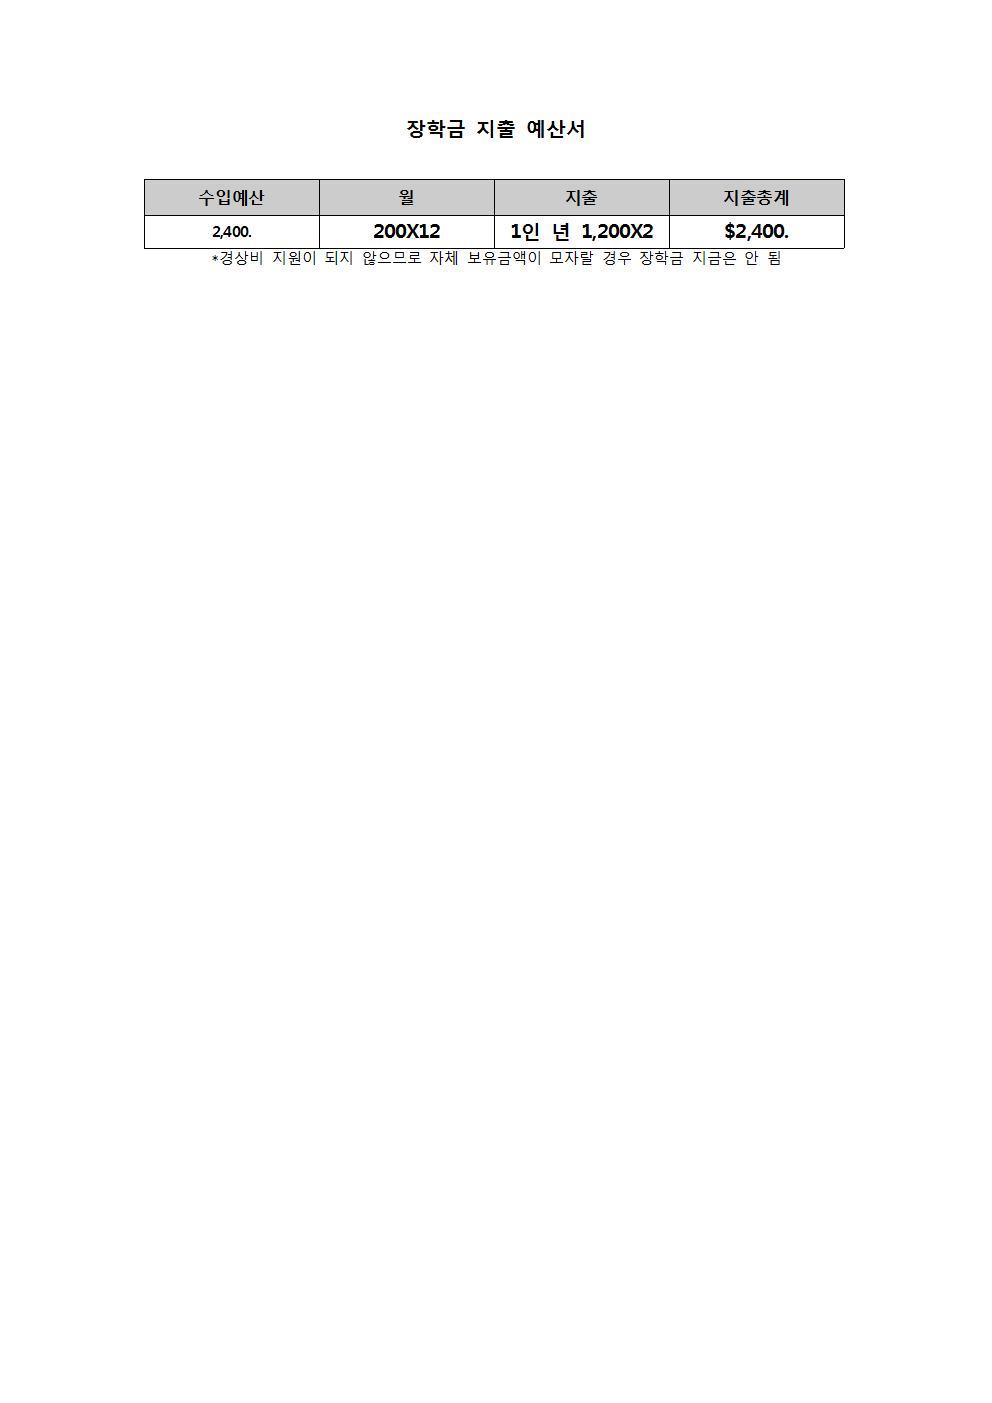 2015년 결산 및 2016년 수입 지출 예산004.jpg